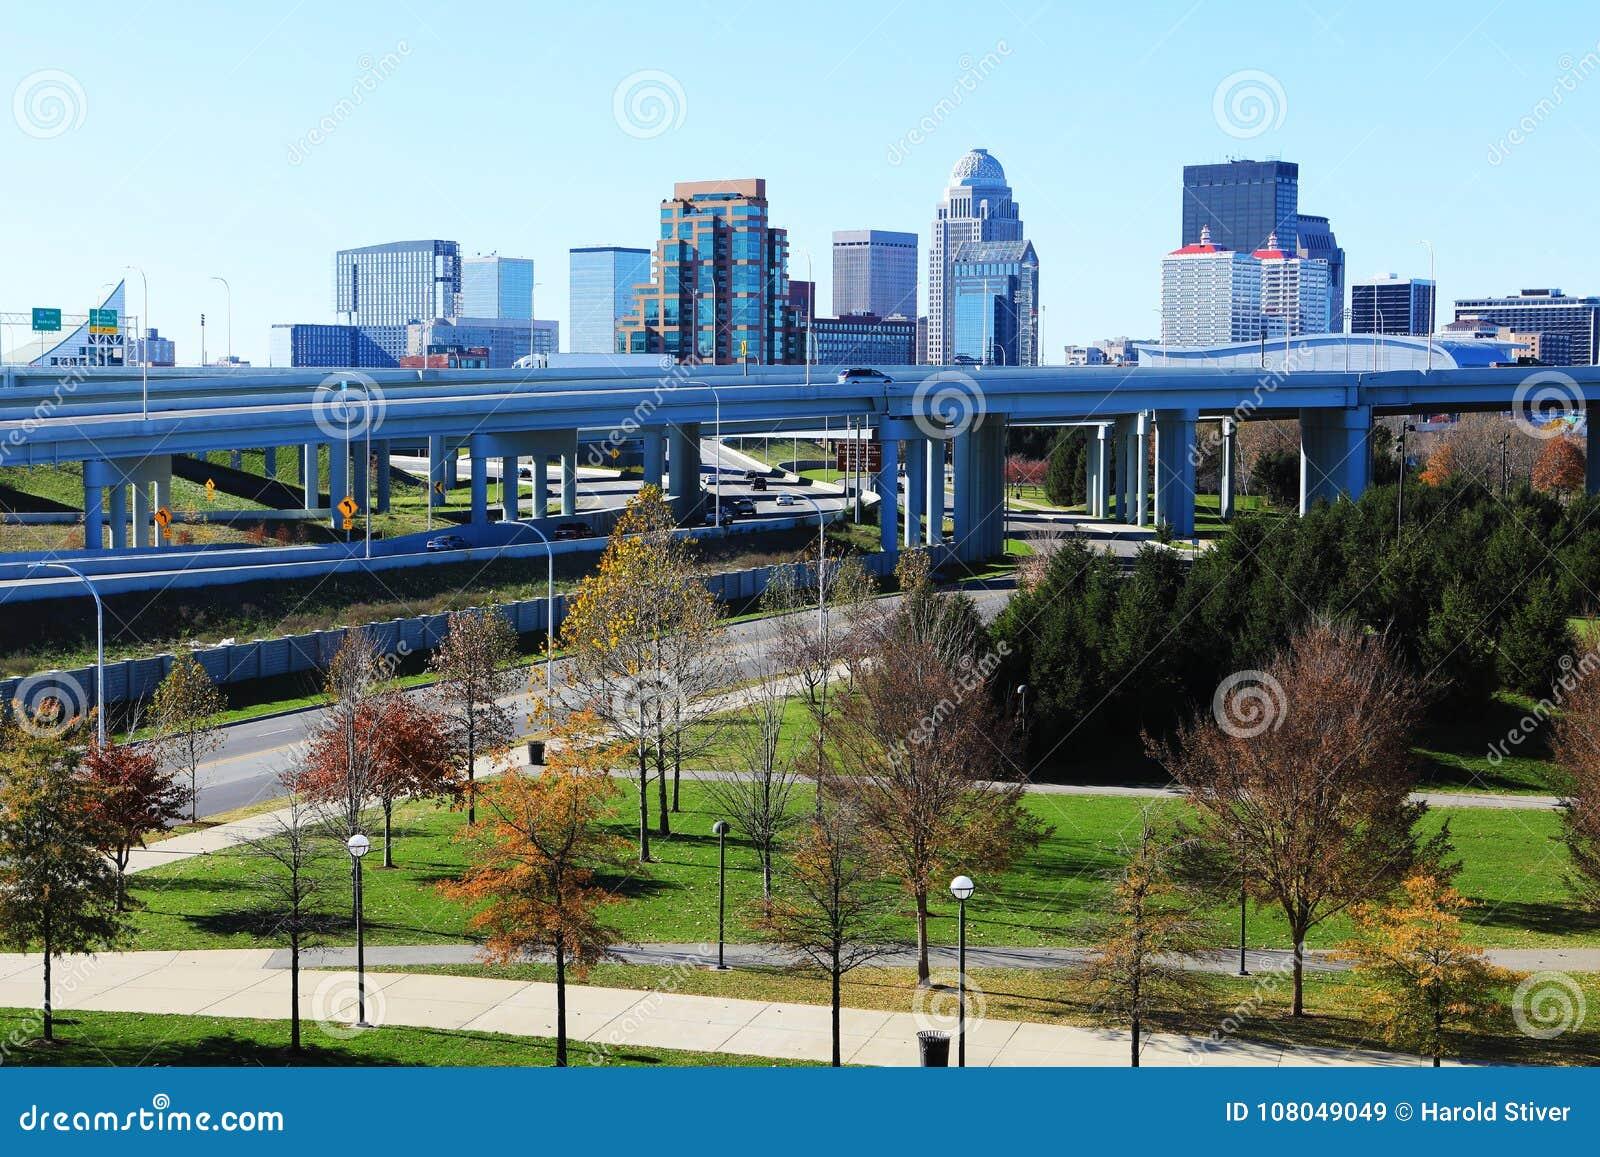 Stadtzentrum Louisvilles, Kentucky mit Schnellstraße in der Front